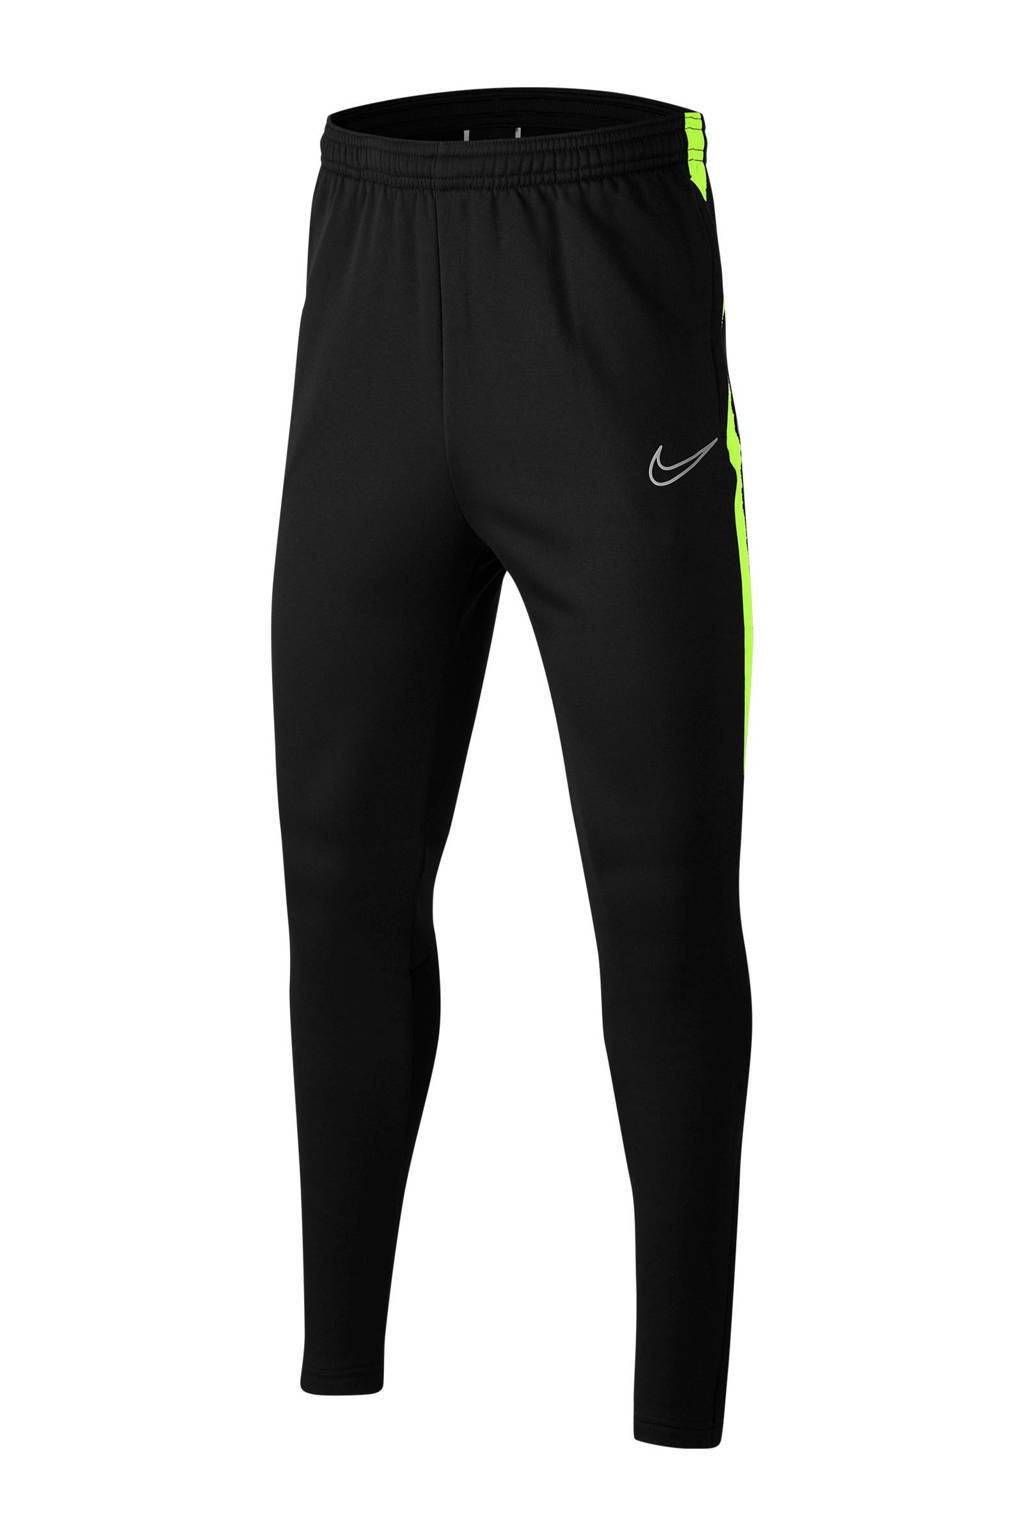 Nike   voetbalbroek zwart/lime, Zwart/lime